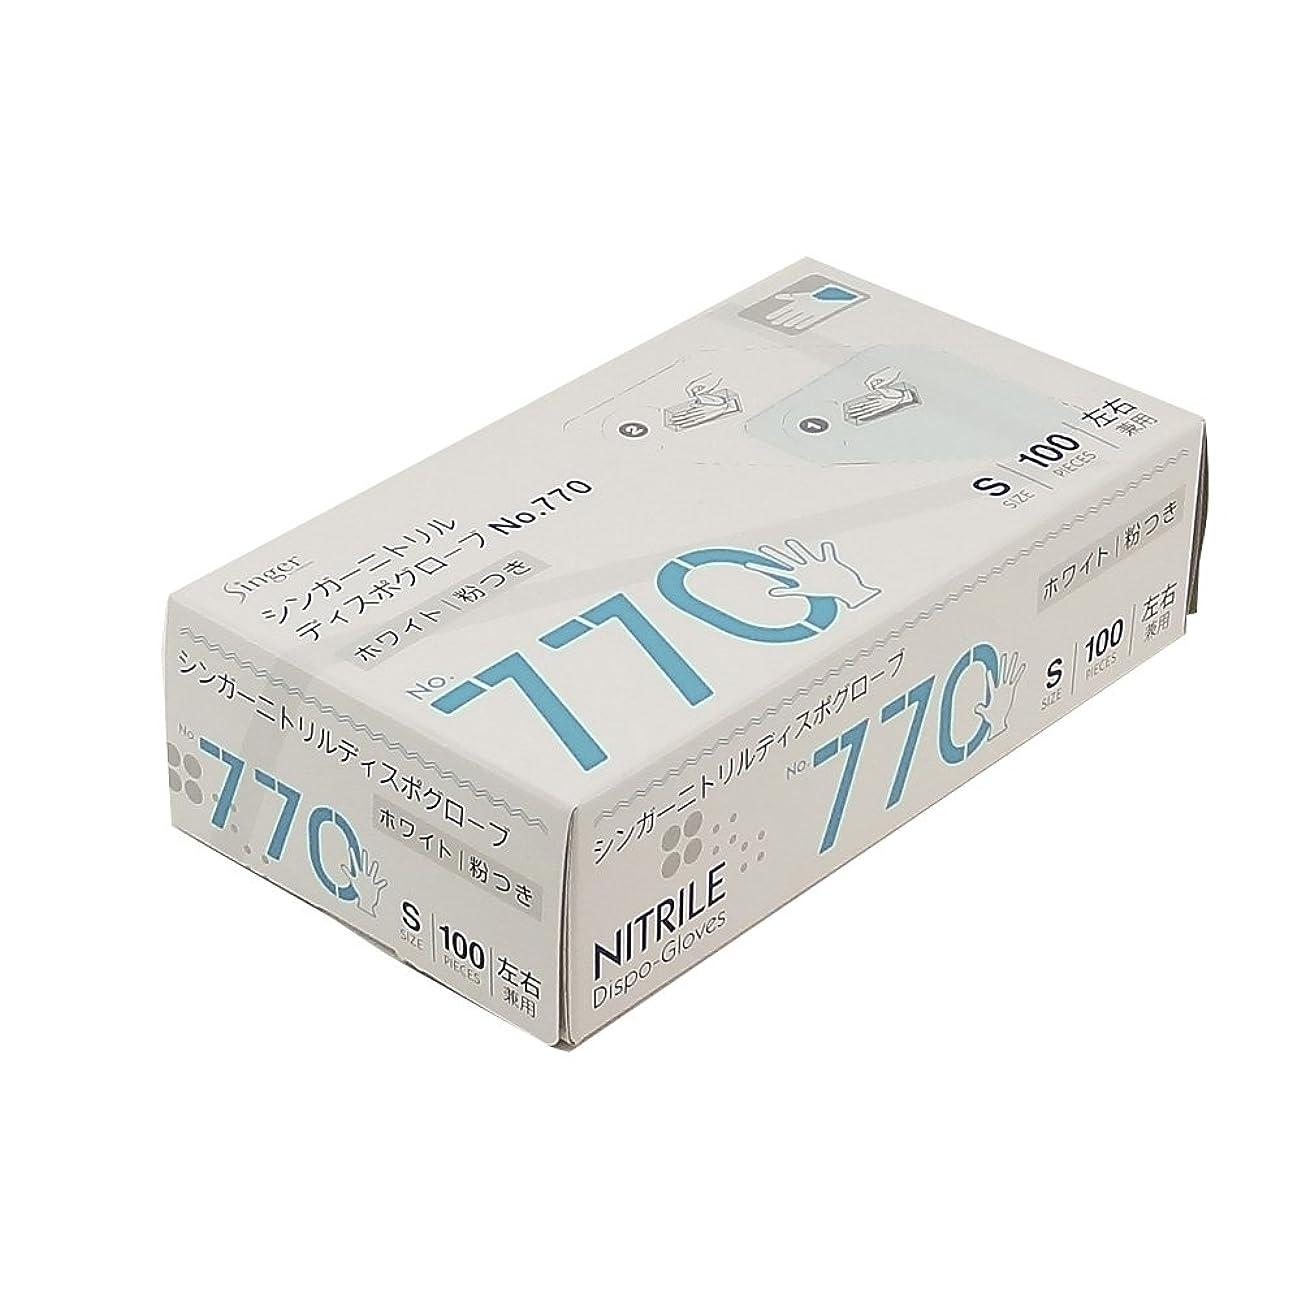 豪華な迷彩小切手宇都宮製作 ディスポ手袋 シンガーニトリルディスポグローブ No.770 ホワイト 粉付 100枚入  S